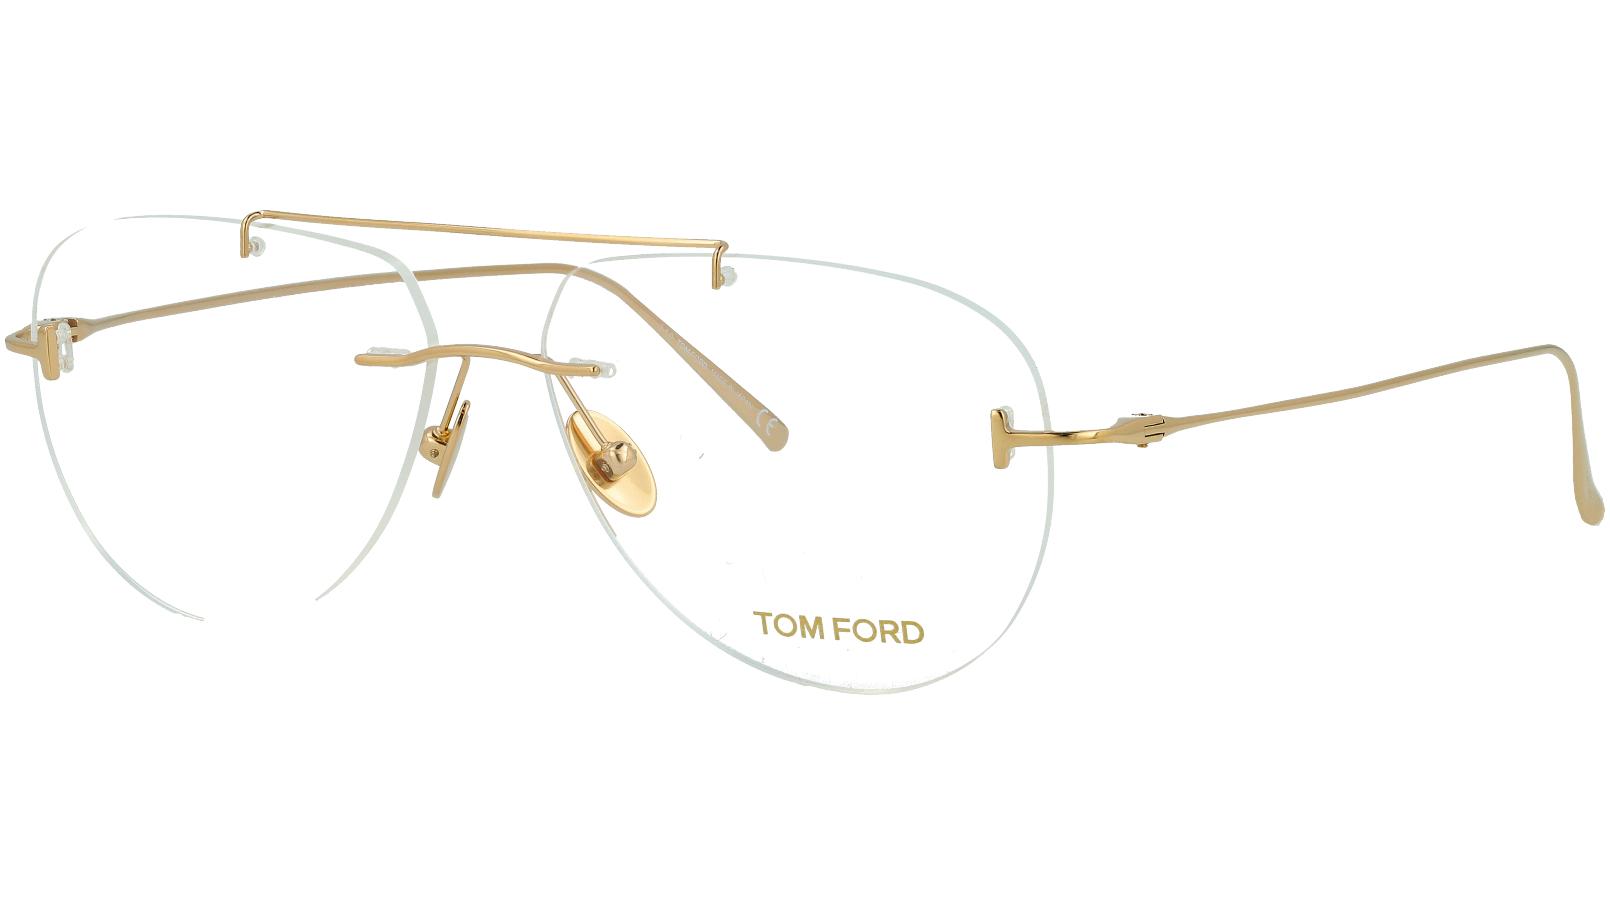 Tom Ford FT5679 028 56 Shiny Glasses